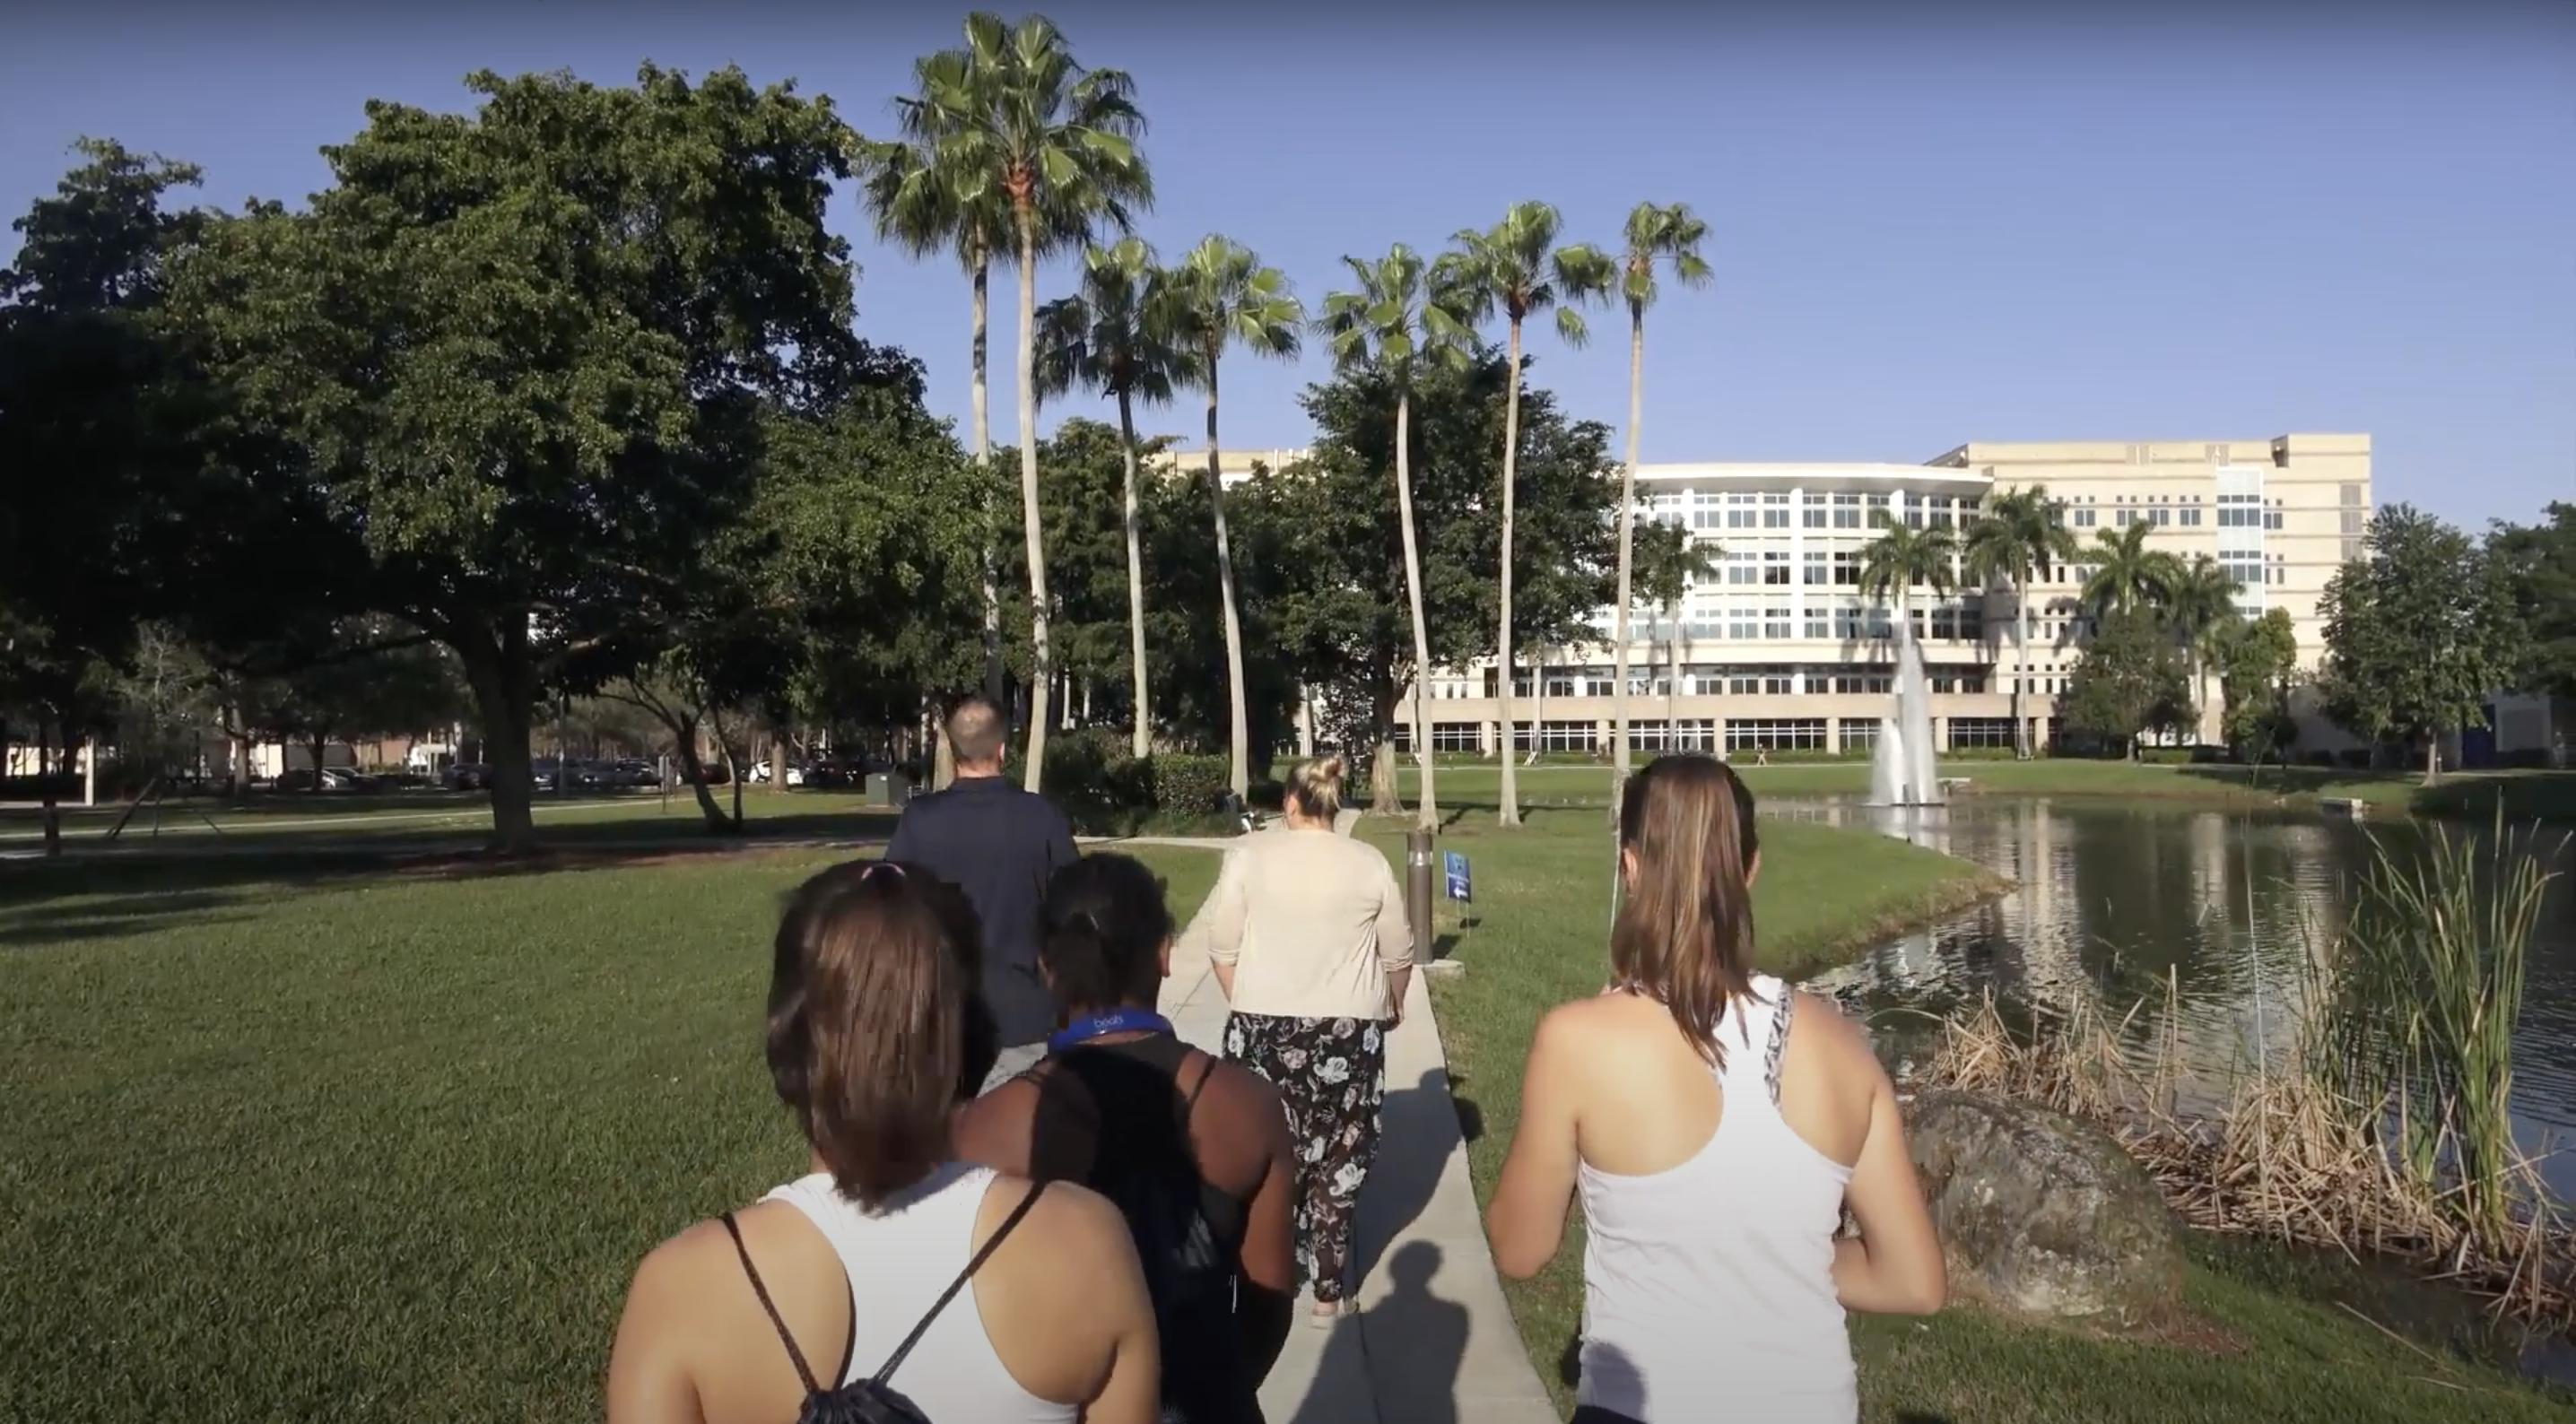 campus-americain-floride